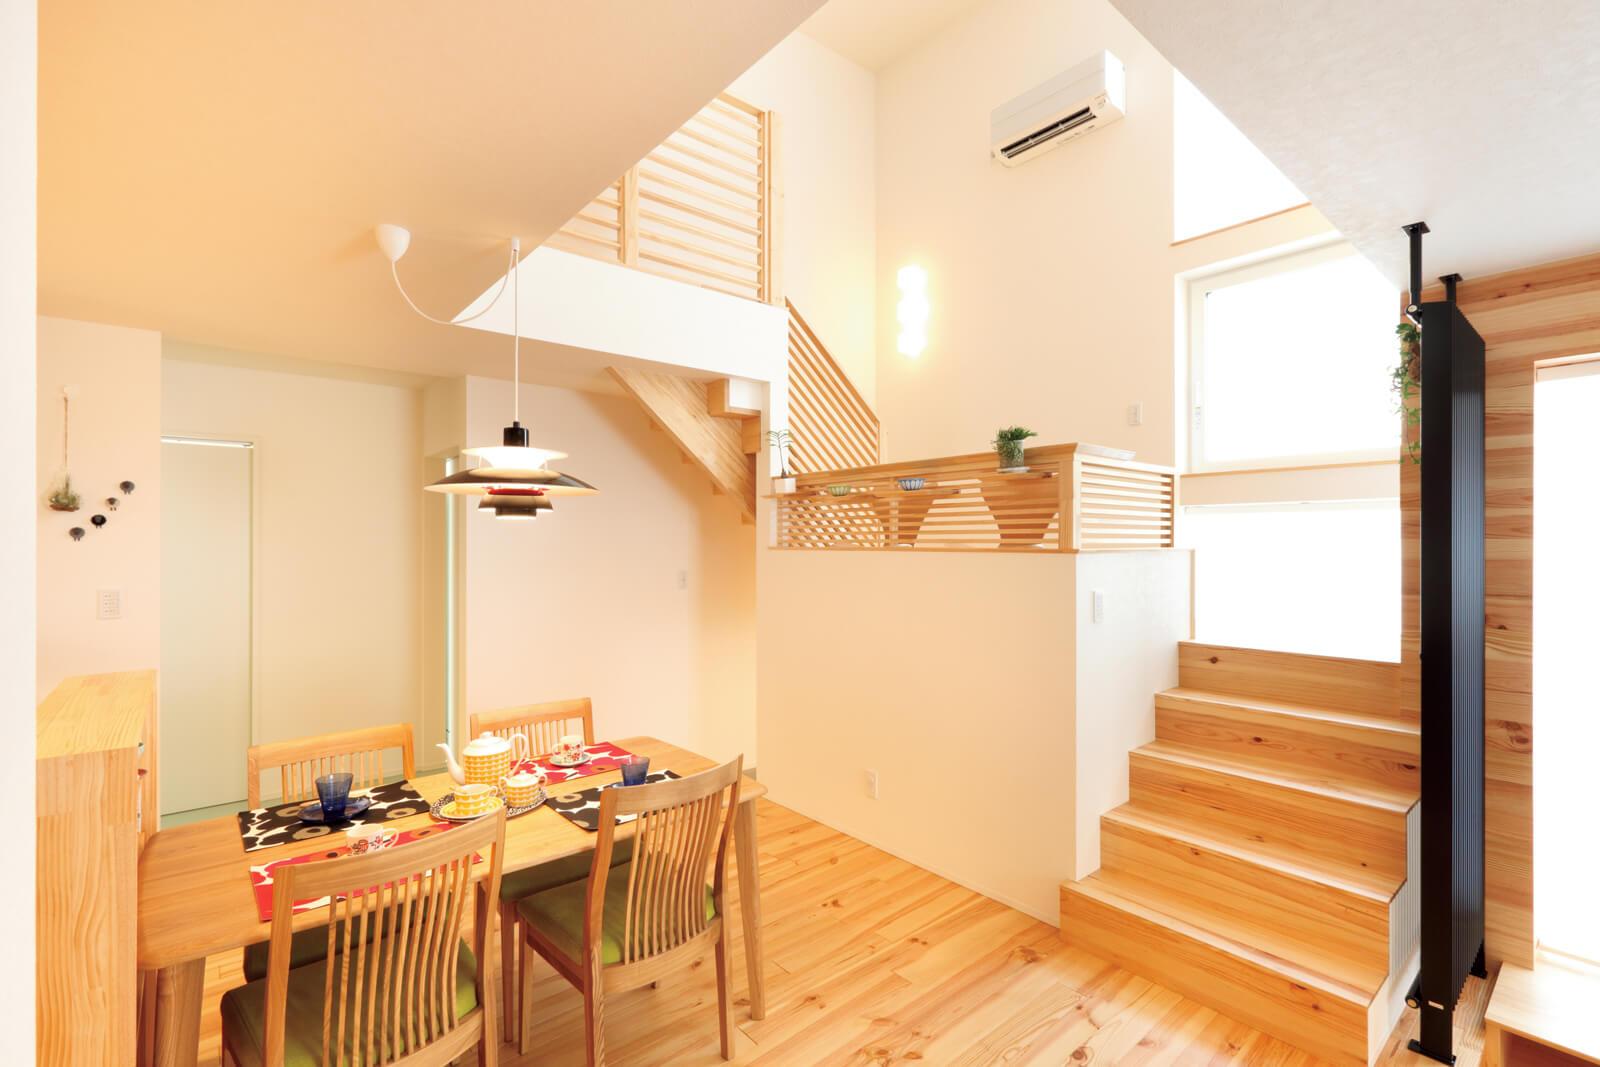 カウンターを造作した踊り場。階段上のホールは、奥に行くほど広くなるよう壁面を斜めに配置して圧迫感を軽減させた